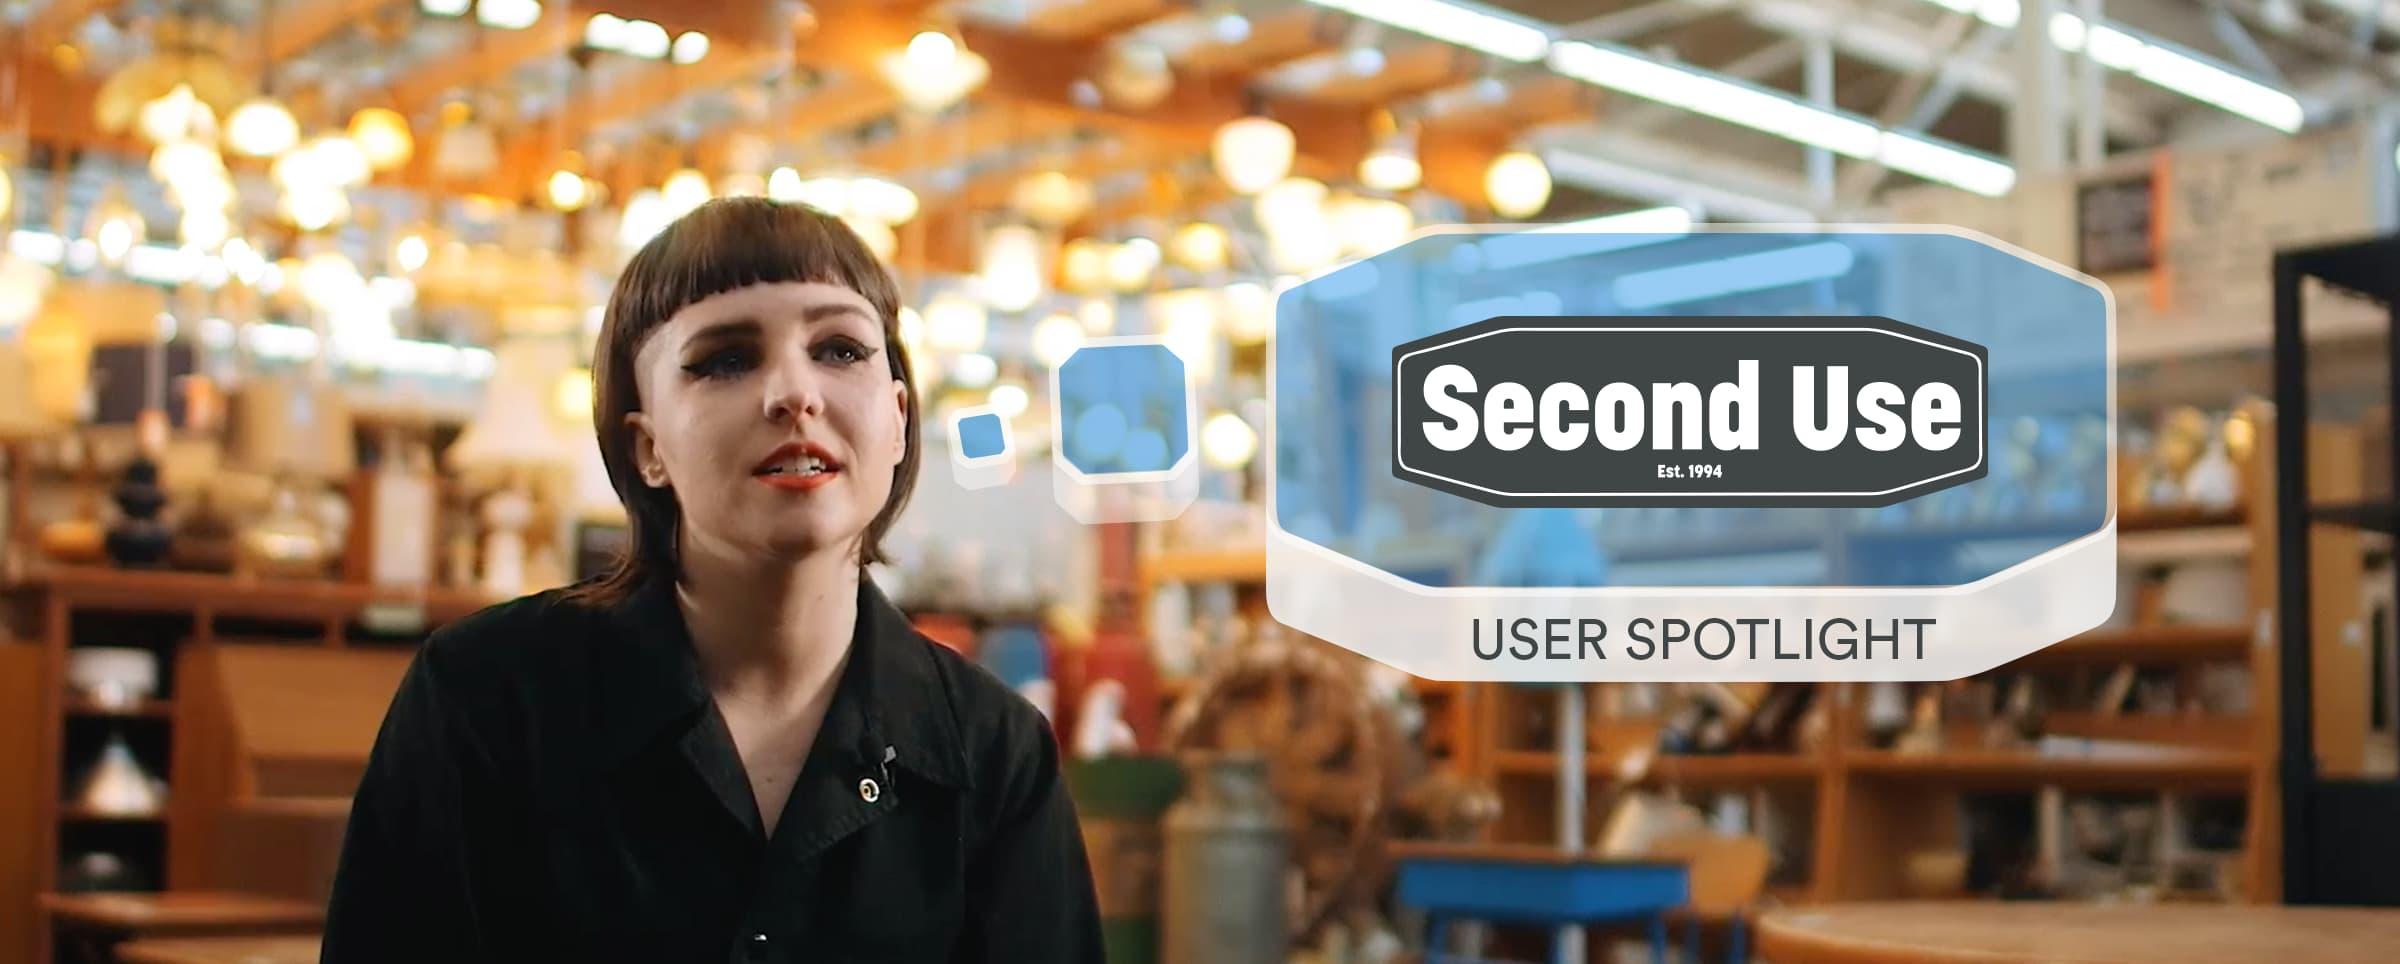 User Spotlight: Second Use